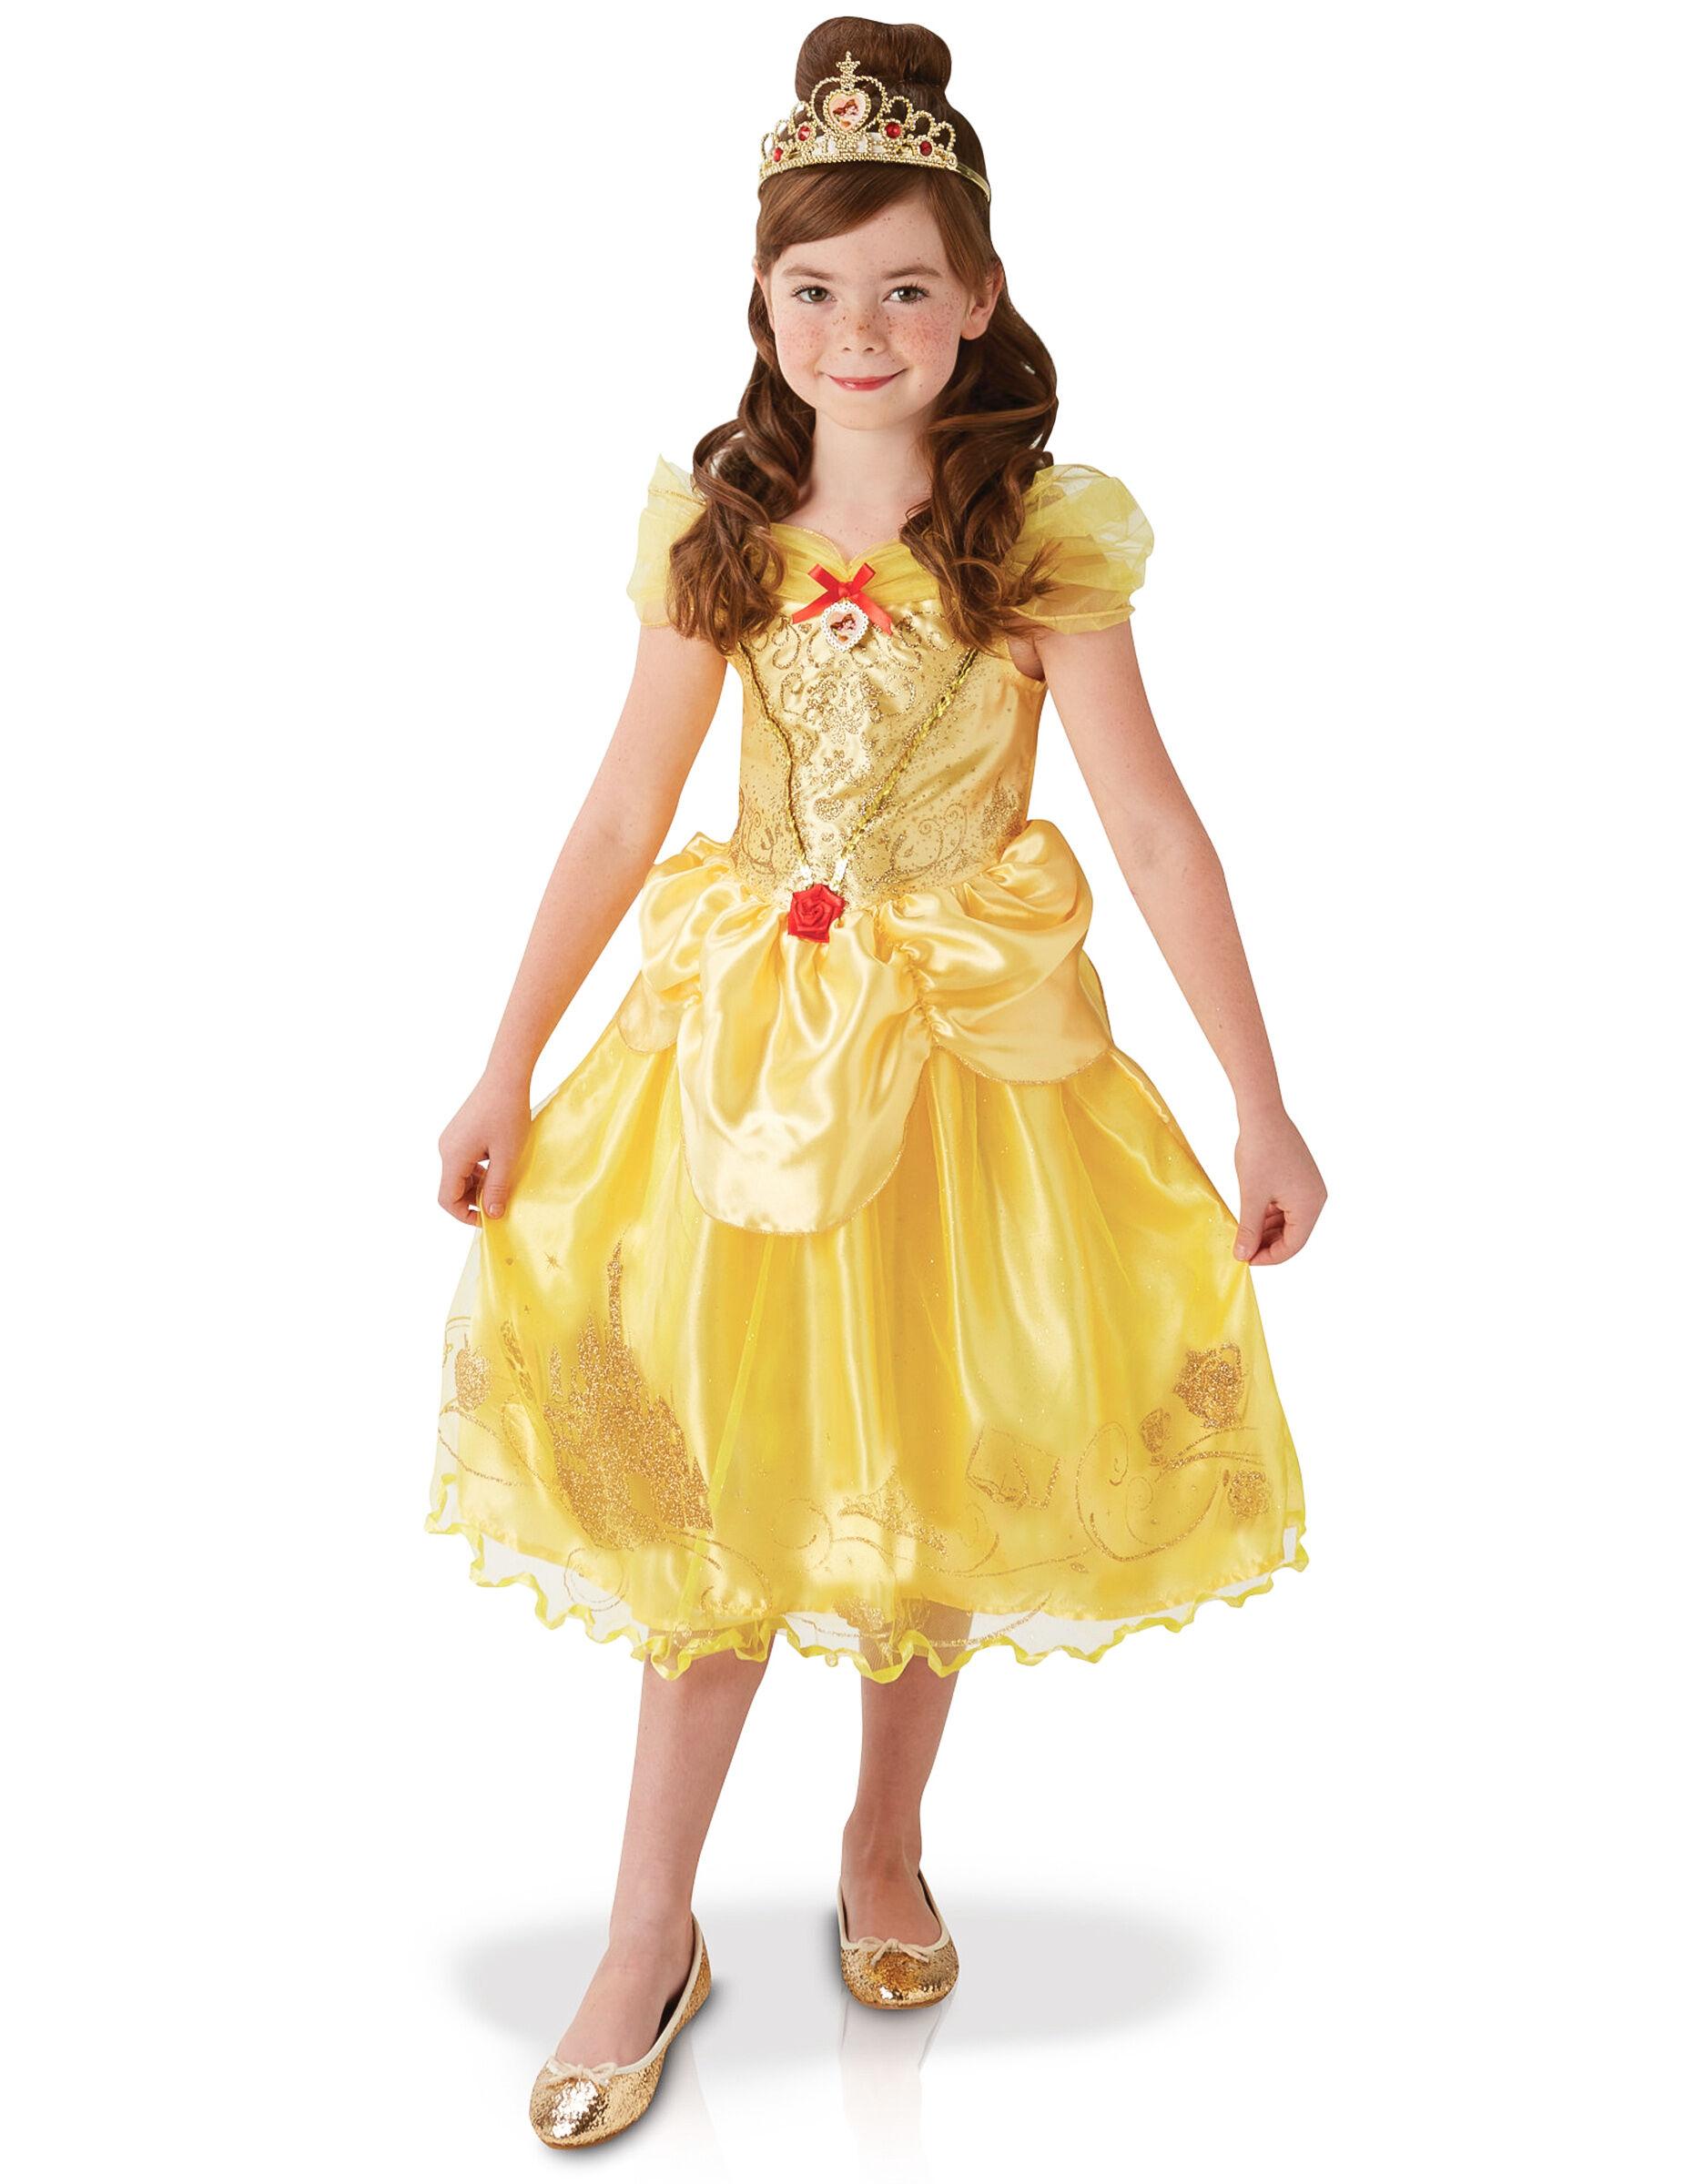 Deguisetoi Déguisement Disney Princess Belle fille - Taille: 5 à 6 ans (105 à 116 cm)